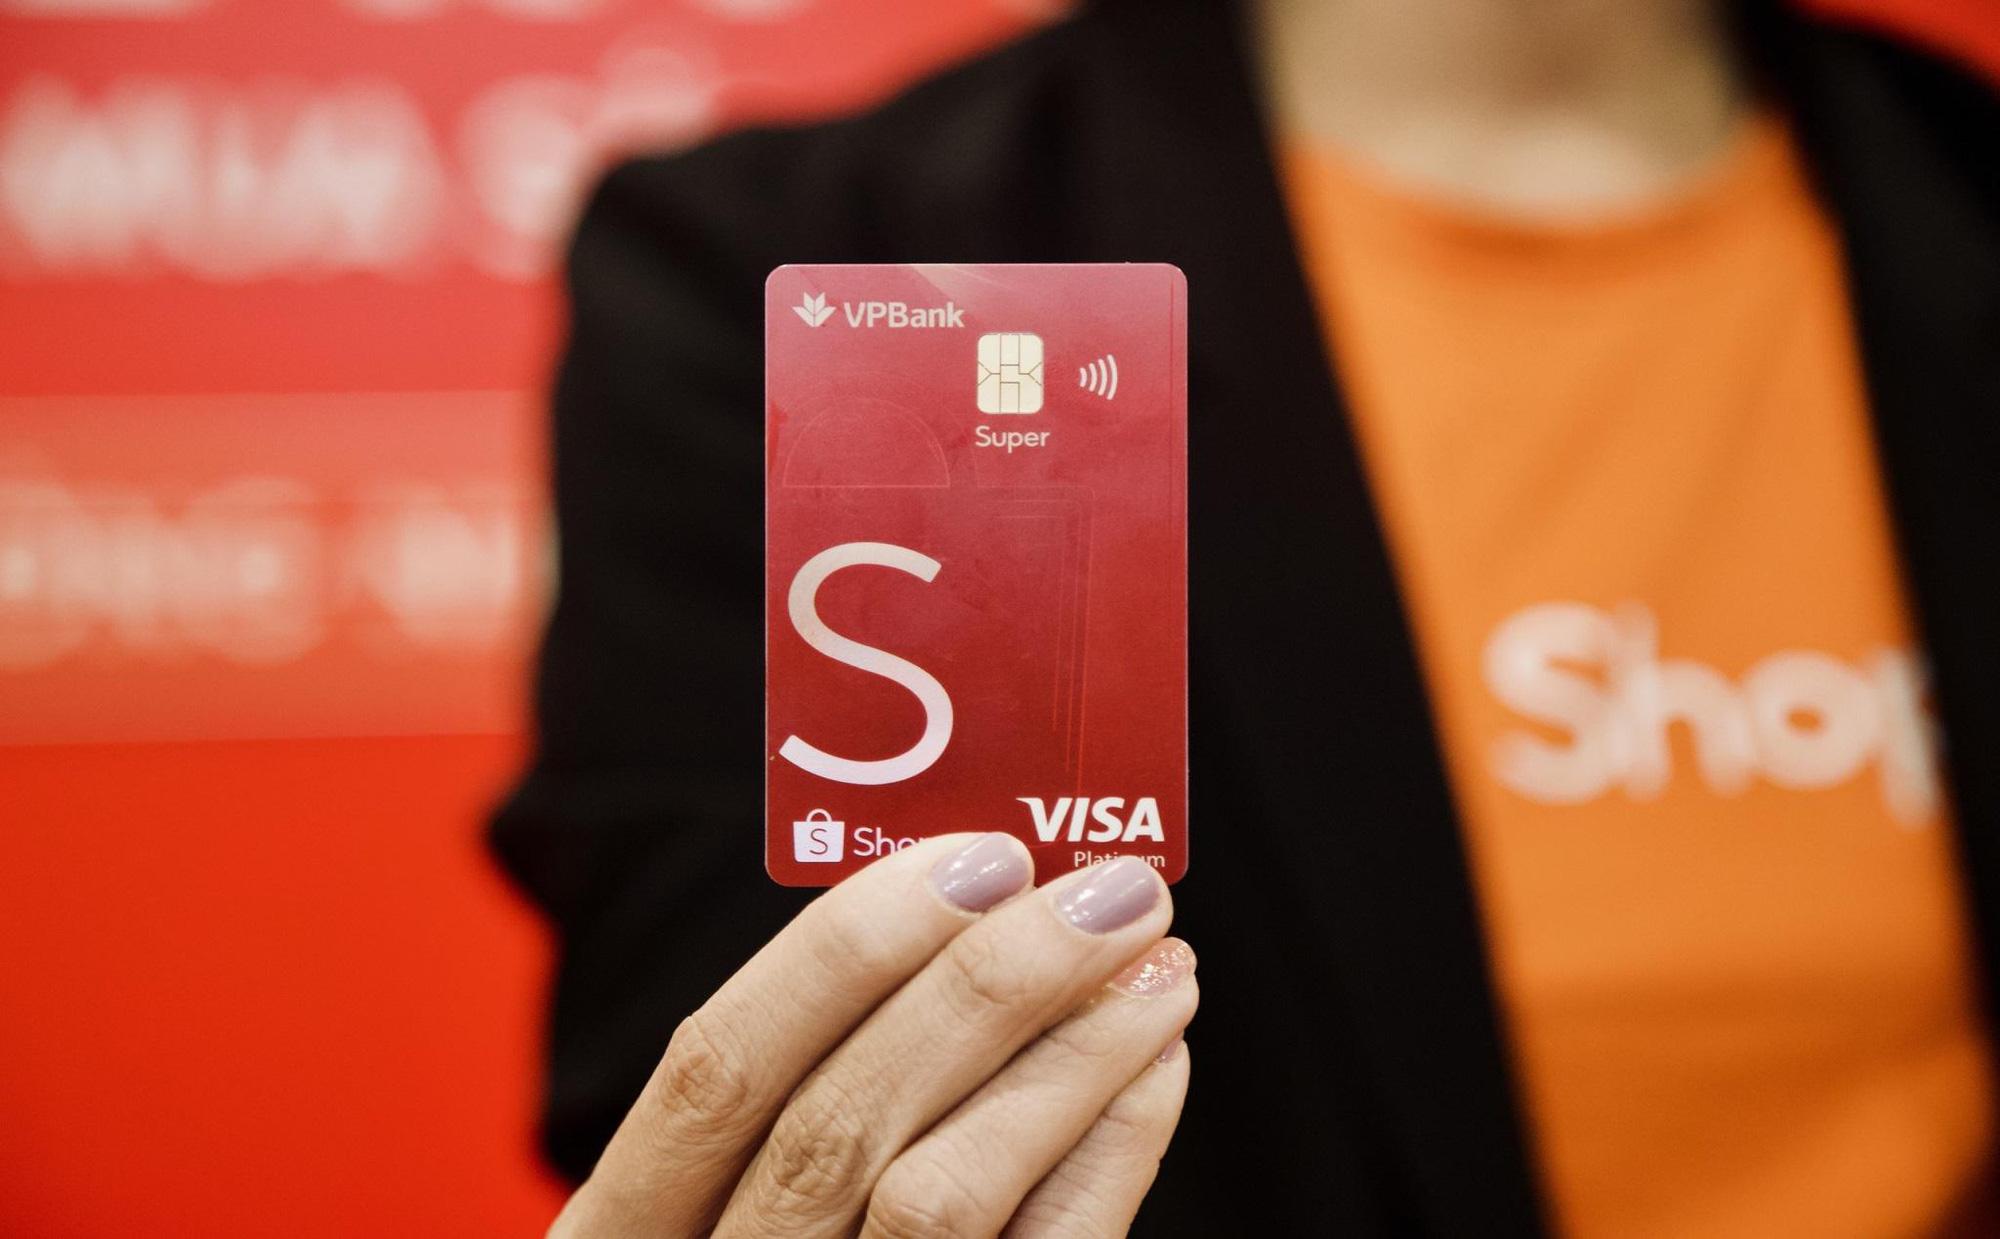 Trên tay thẻ tín dụng VPBank - Shopee: Ưu đãi freeship và hoàn tiền đến 10% - Ảnh 1.